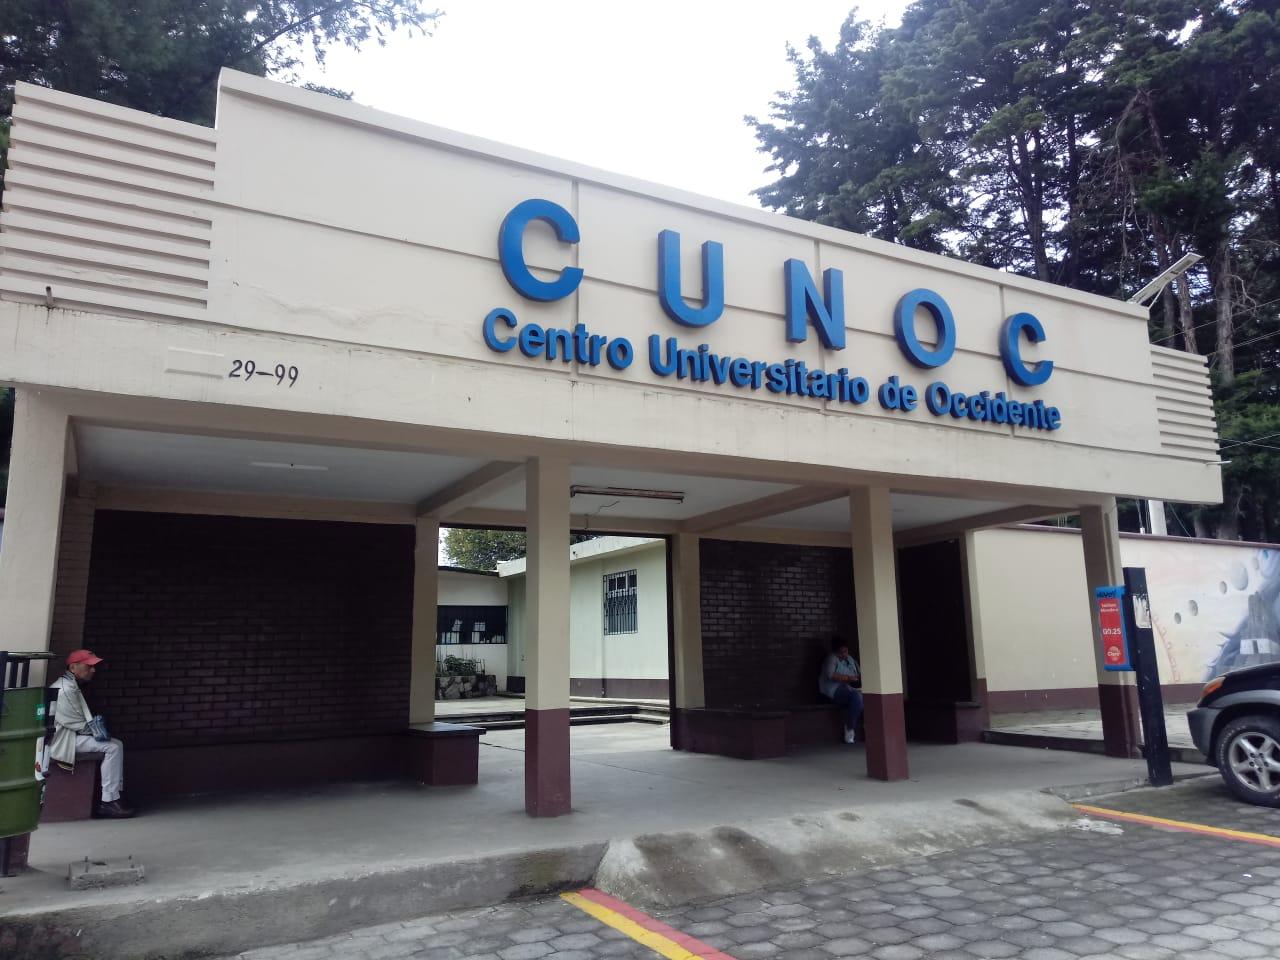 Disminuye cantidad de interesados en ingresar a estudiar al Cunoc